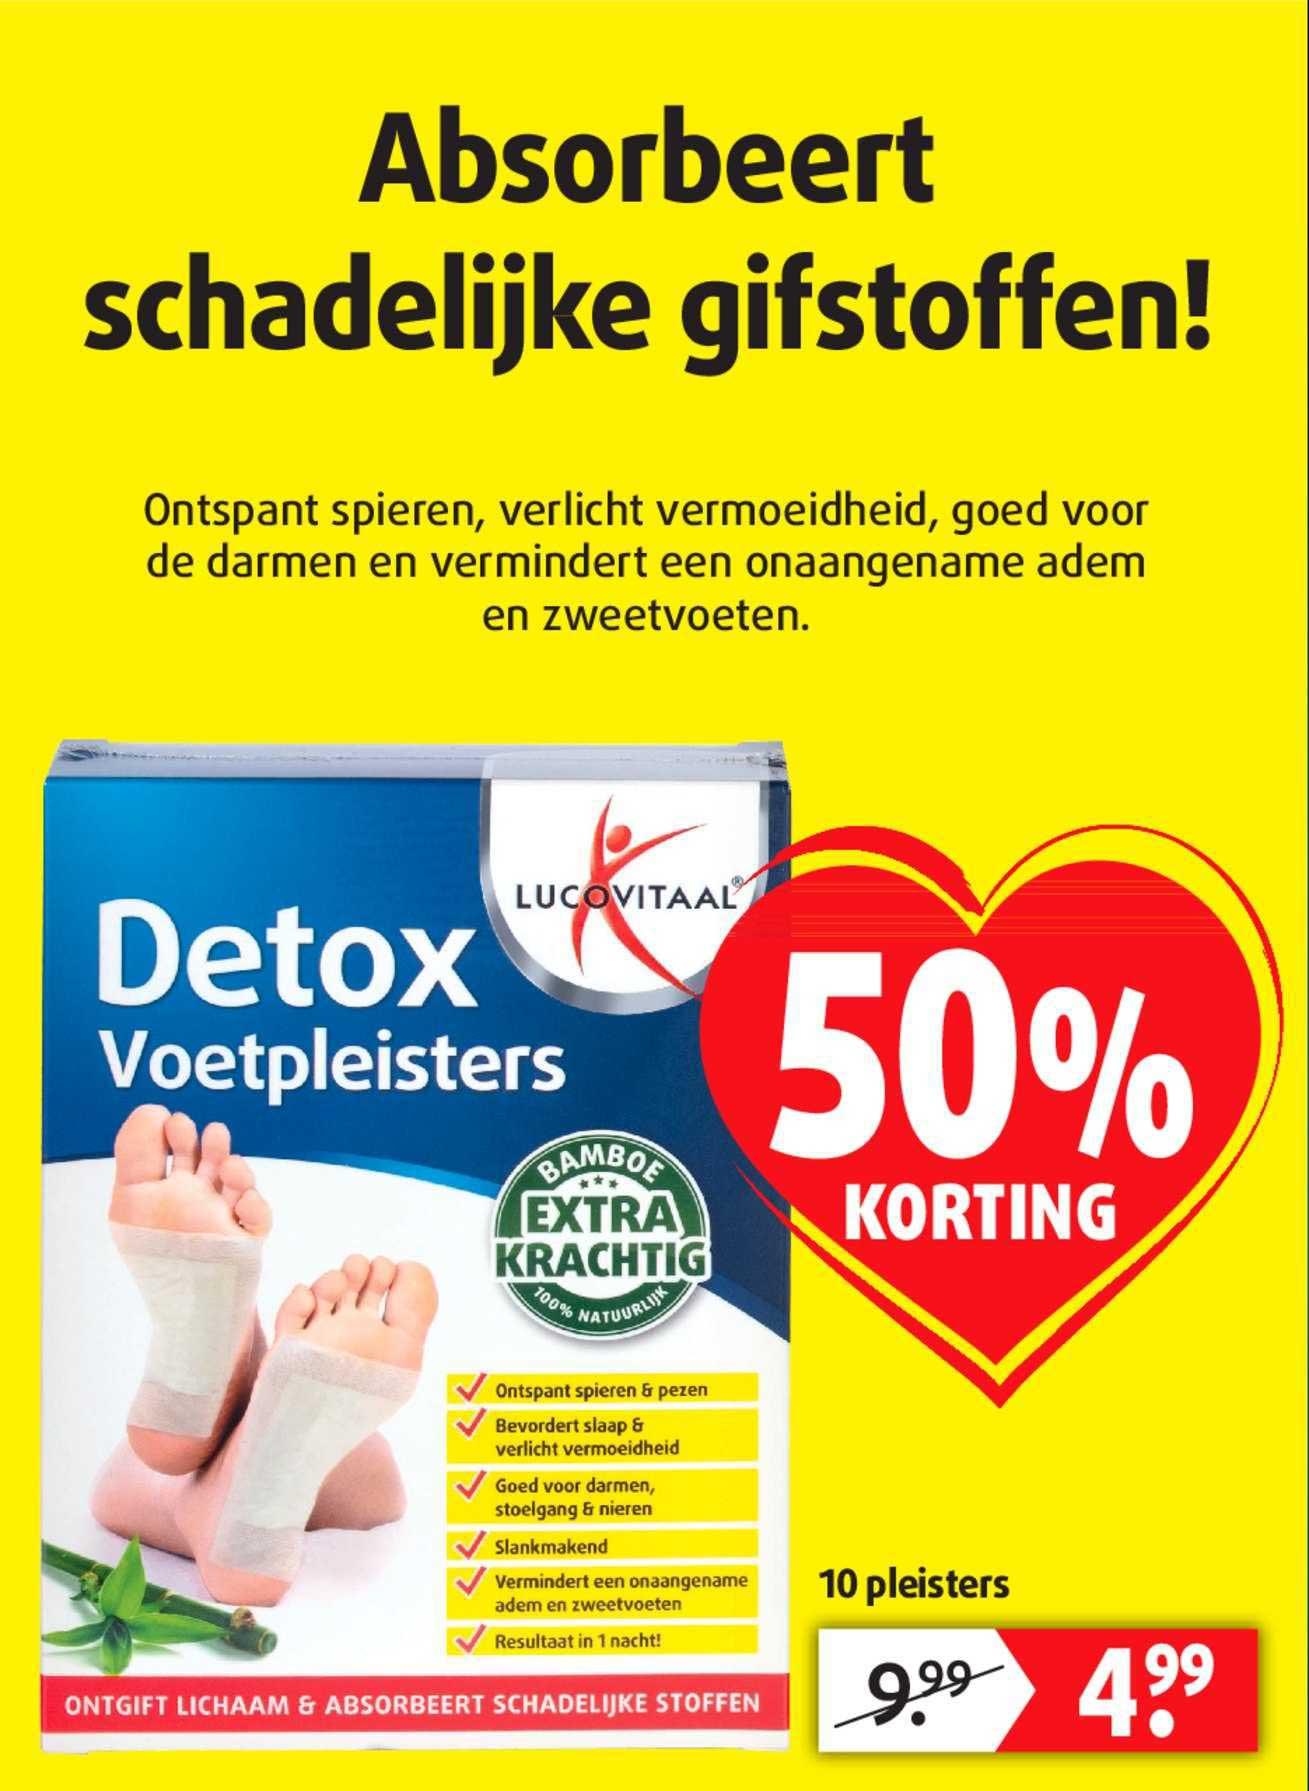 Lucovitaal Detox Voetpleisters 50% Korting